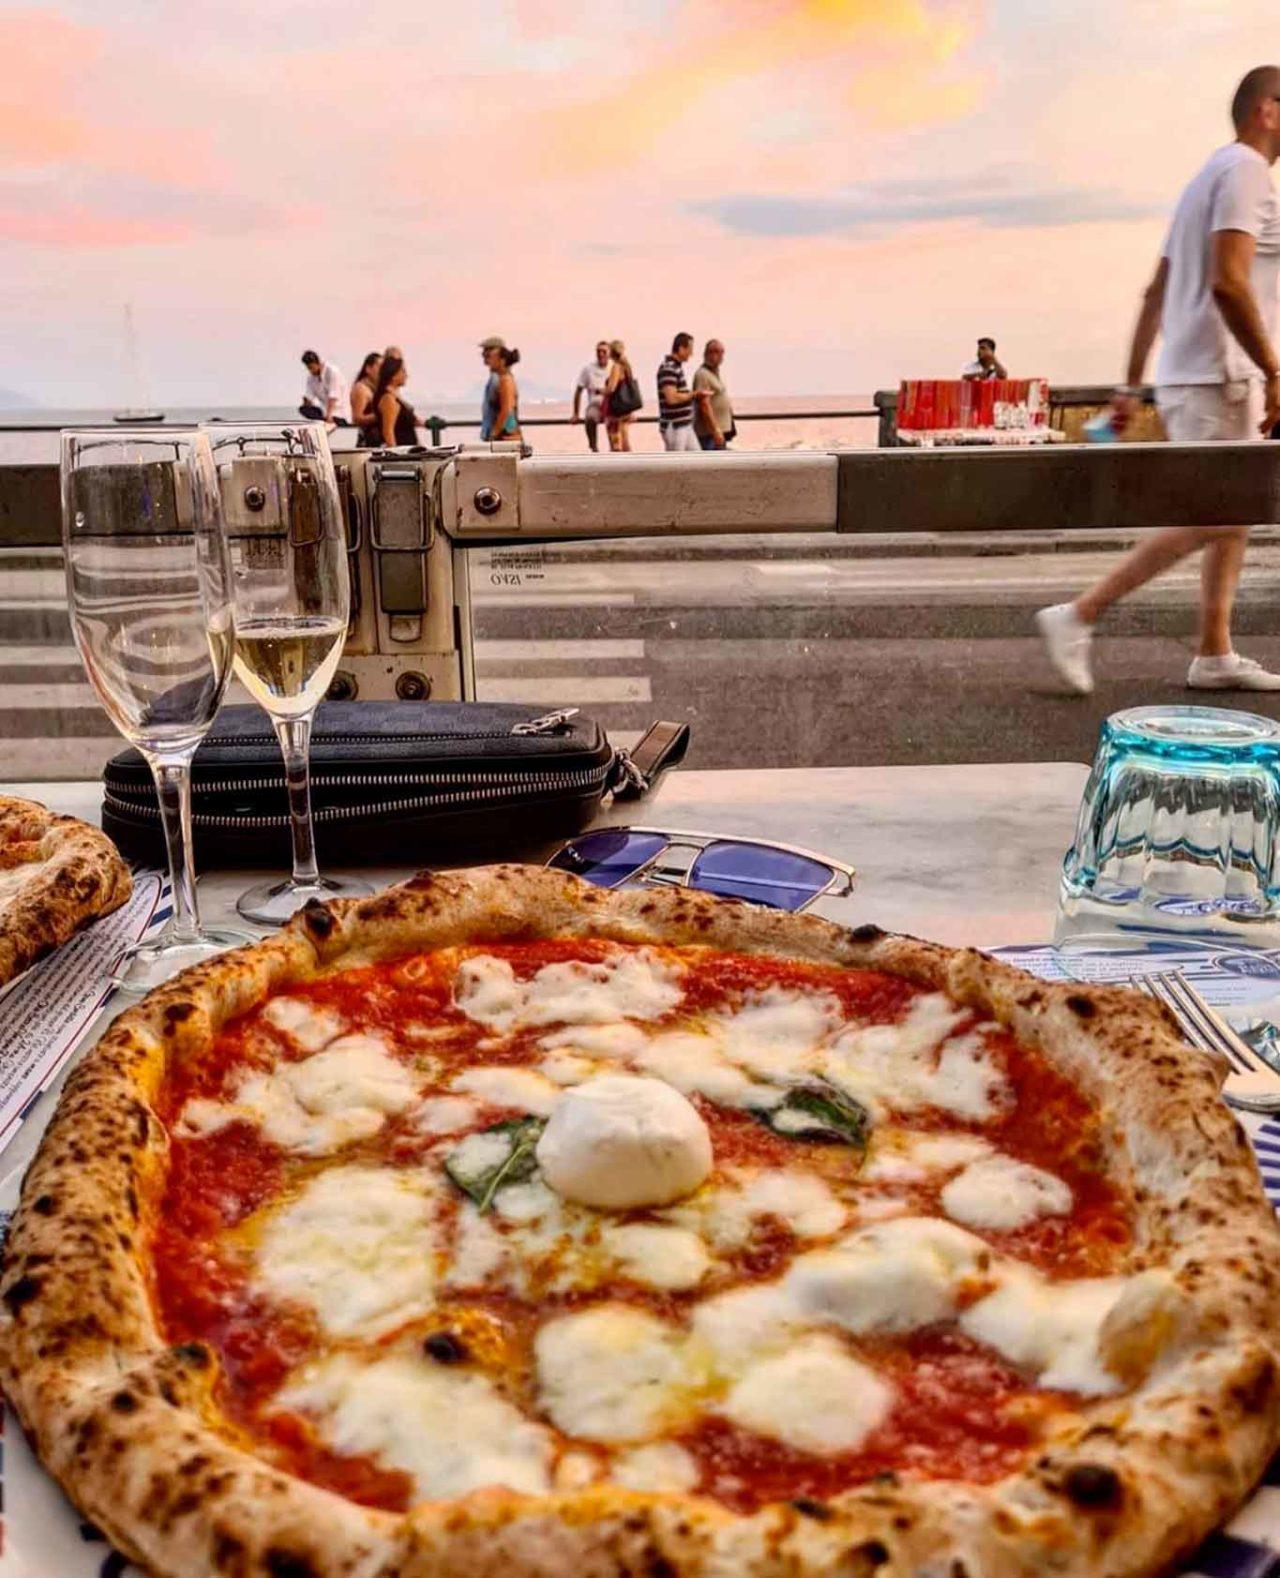 pizzerie all'aperto a Napoli: Lievito Madre a Mare